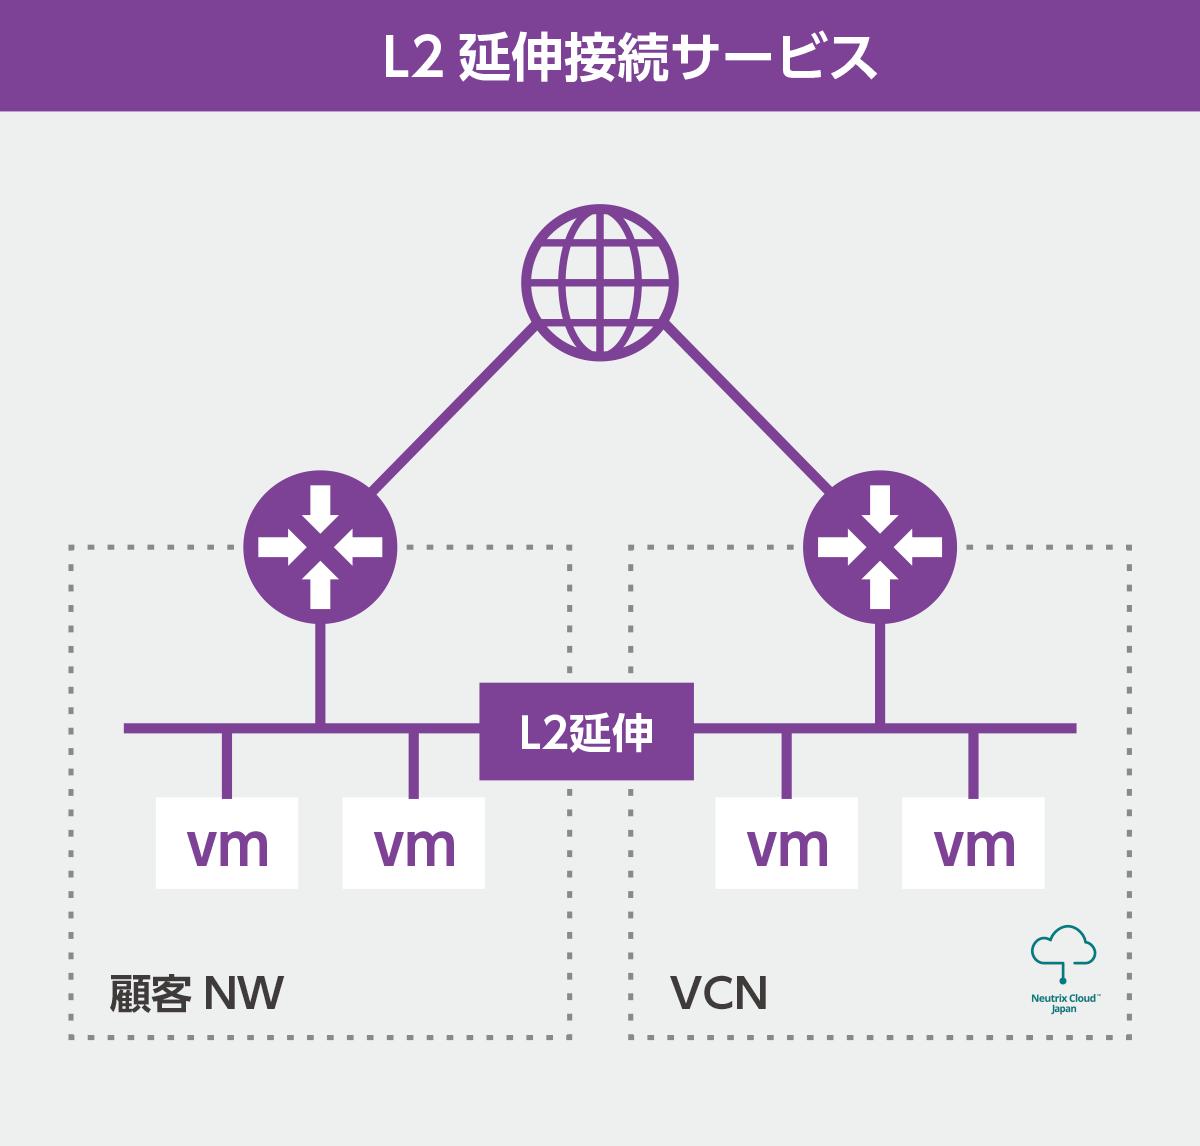 L2延伸接続サービス